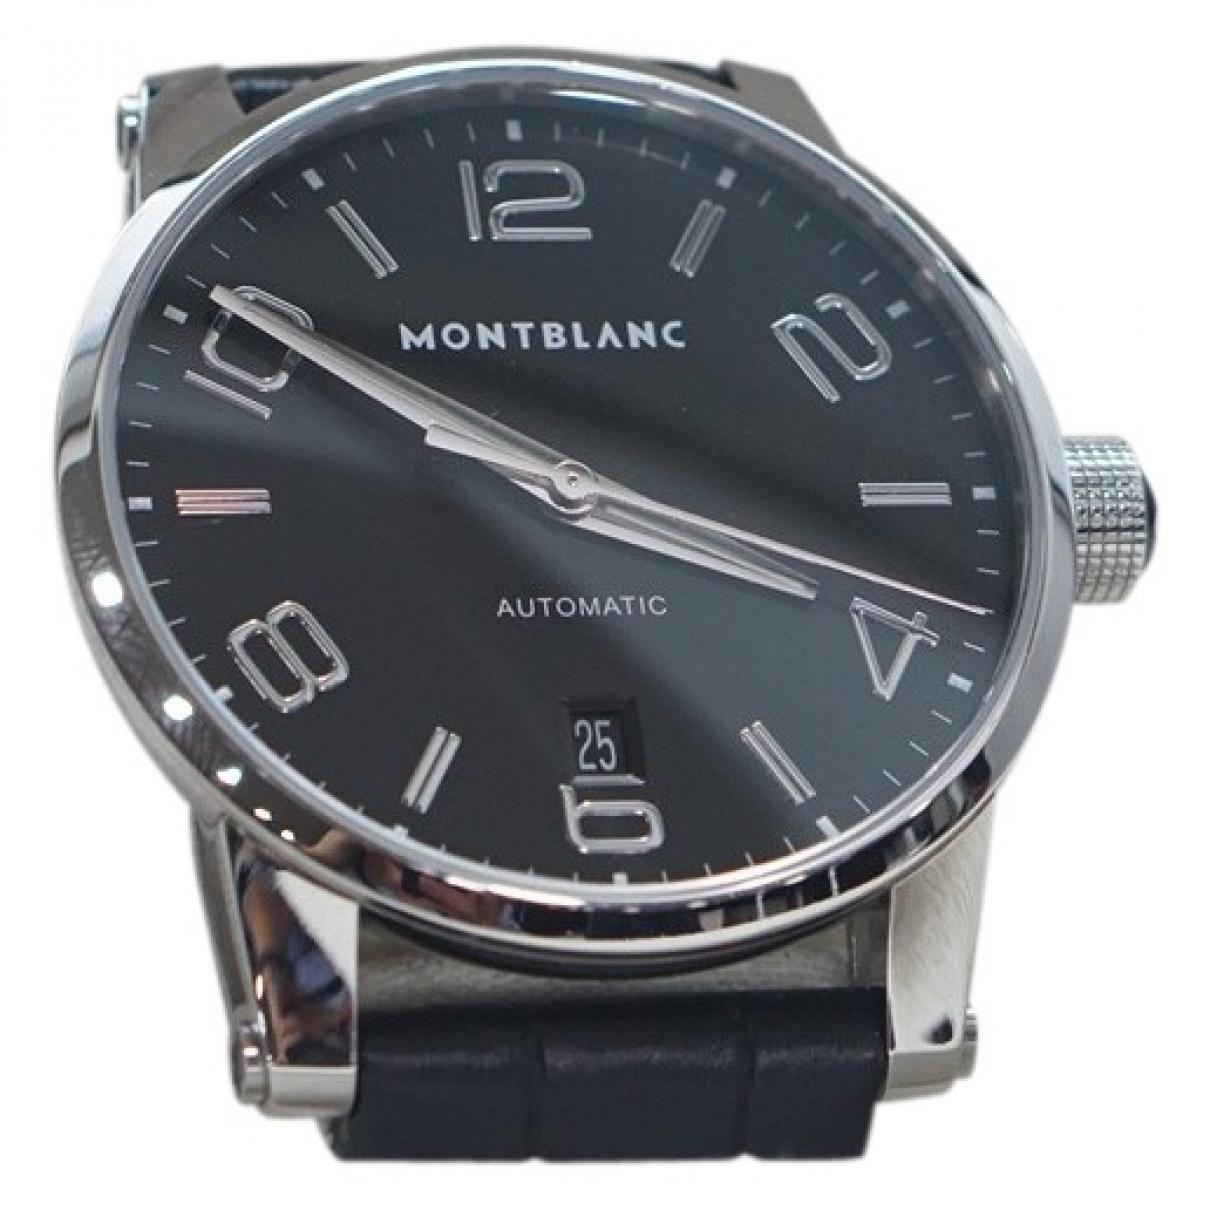 Relojes Timewalker Montblanc